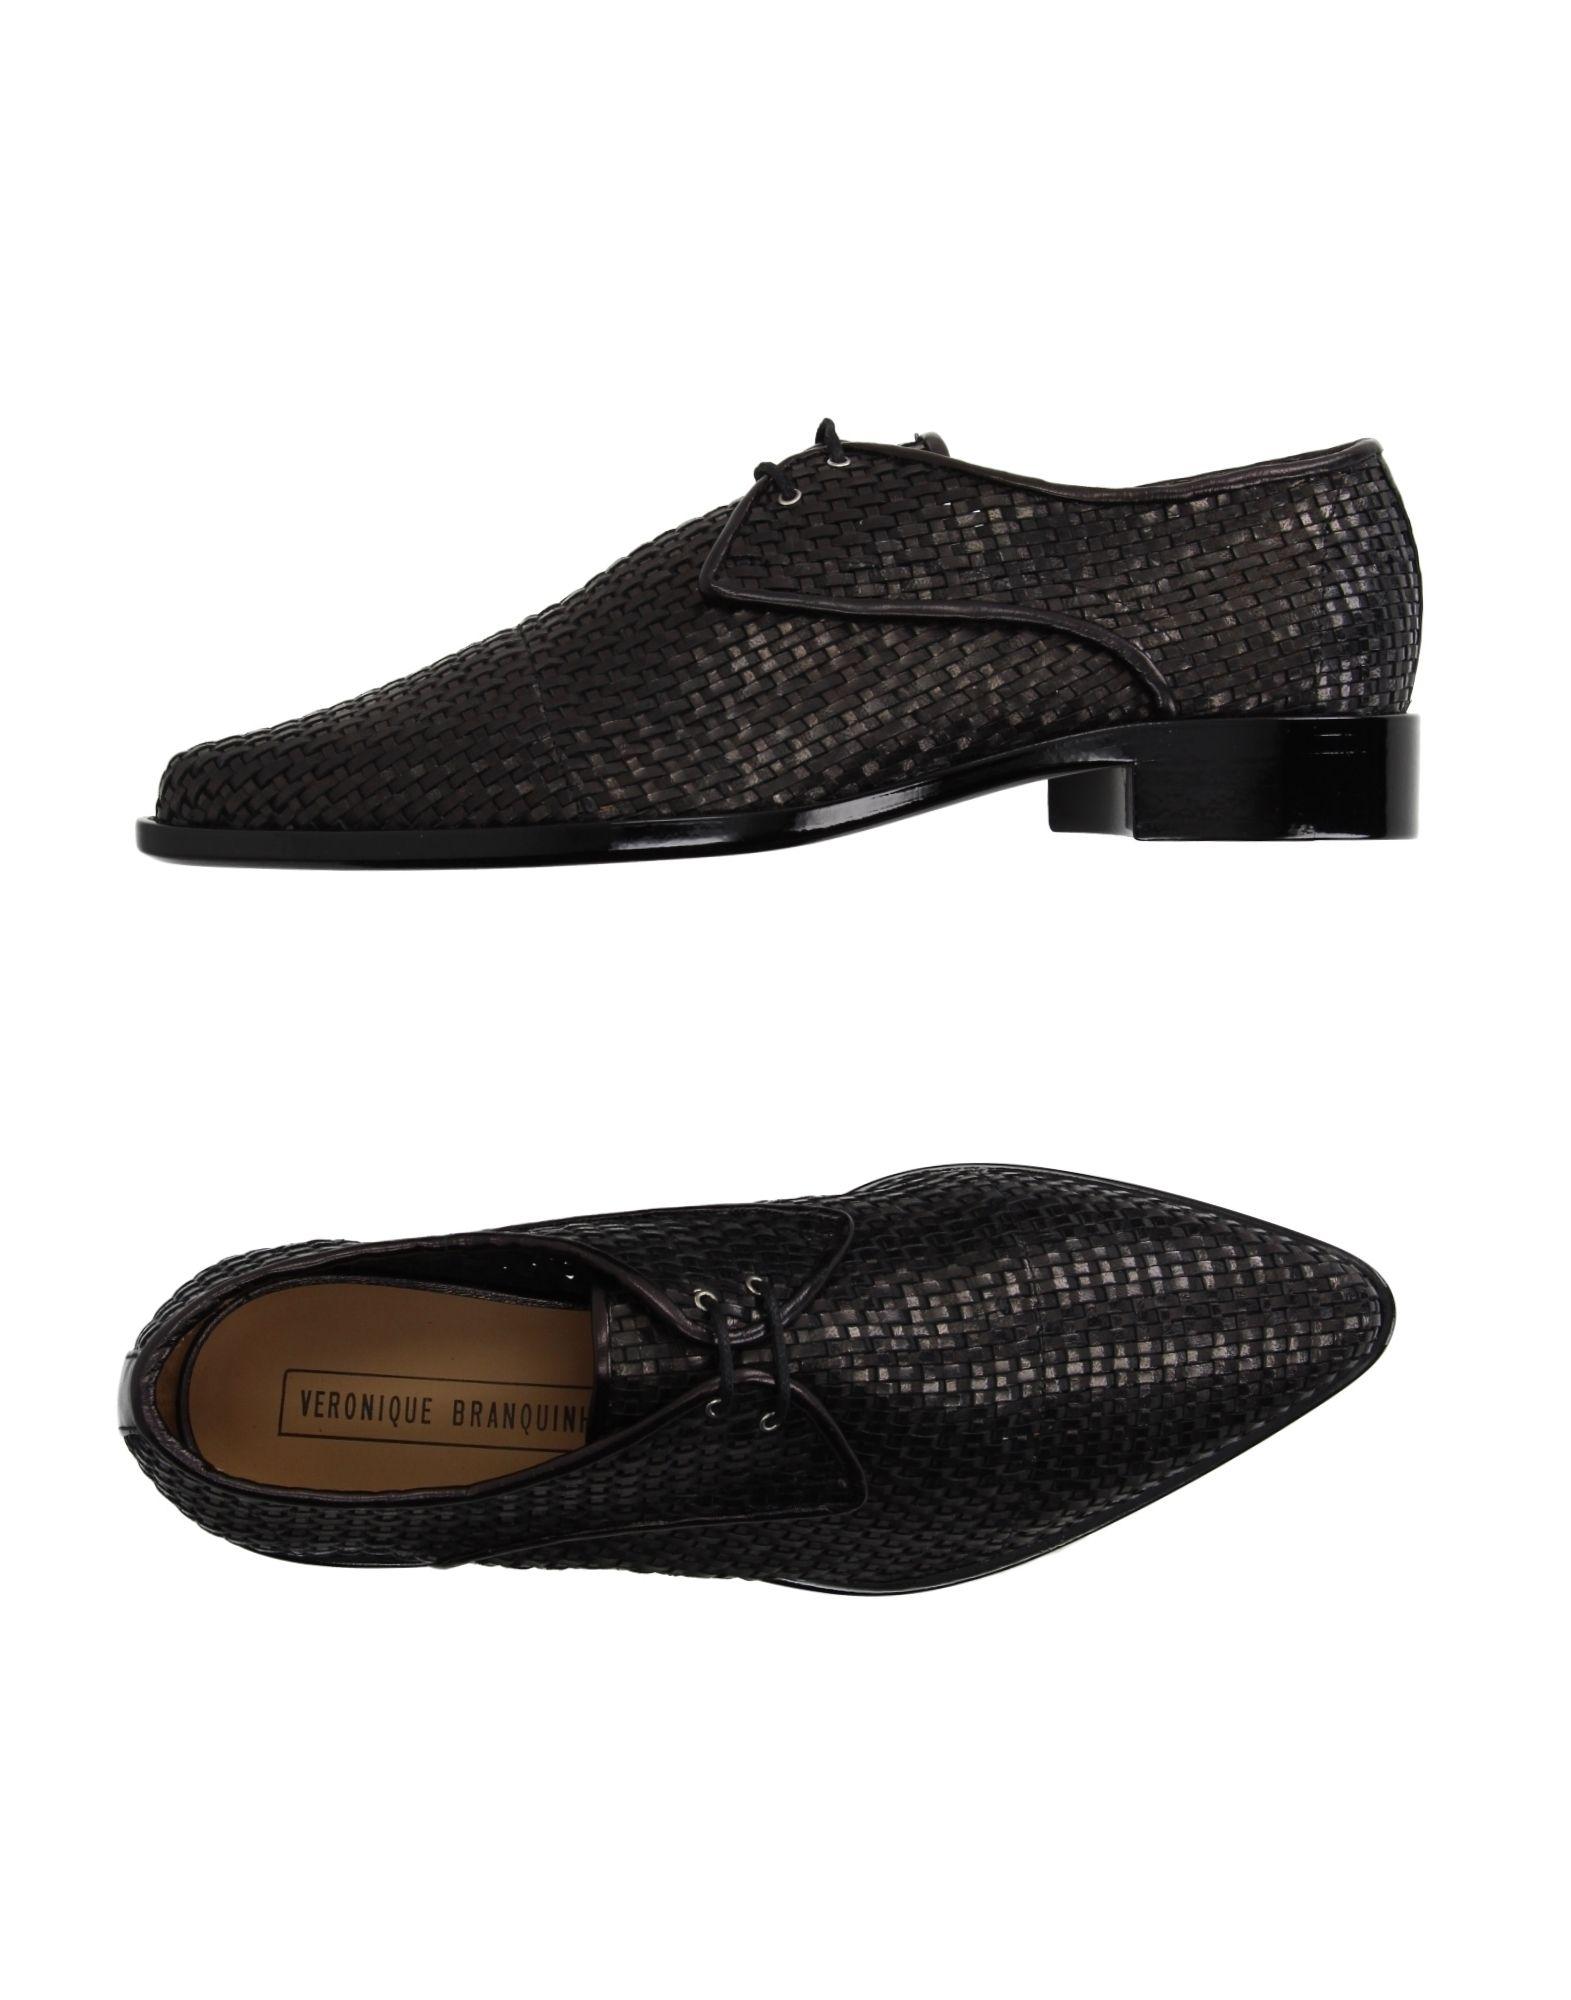 Chaussures À Lacets Veronique Branquinho Femme - Chaussures À Lacets Veronique Branquinho sur